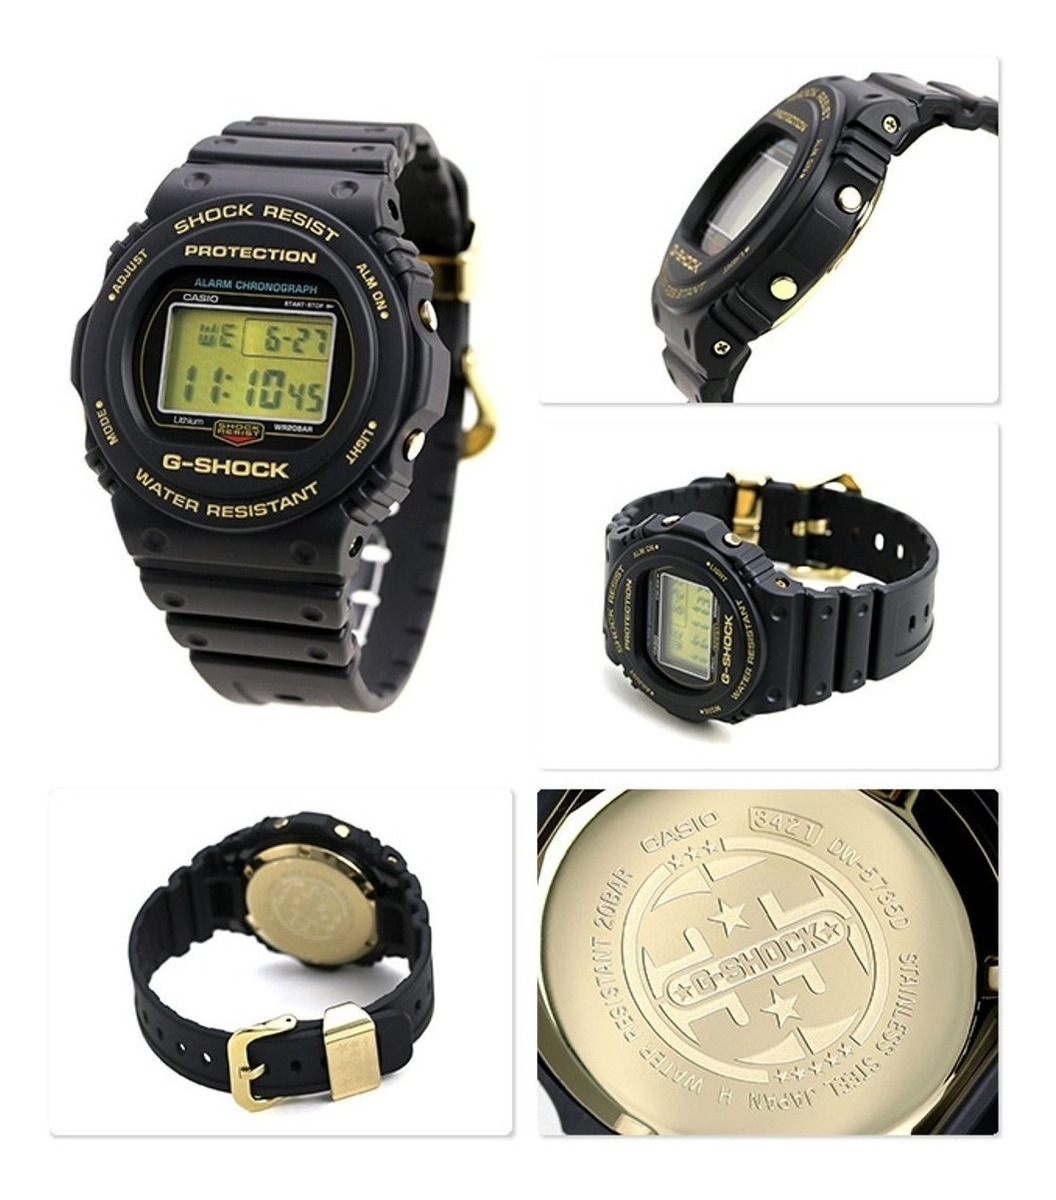 35 Casio Shock G Reloj 5735 Aniversario Dw Limitada Edición T13KFclJ